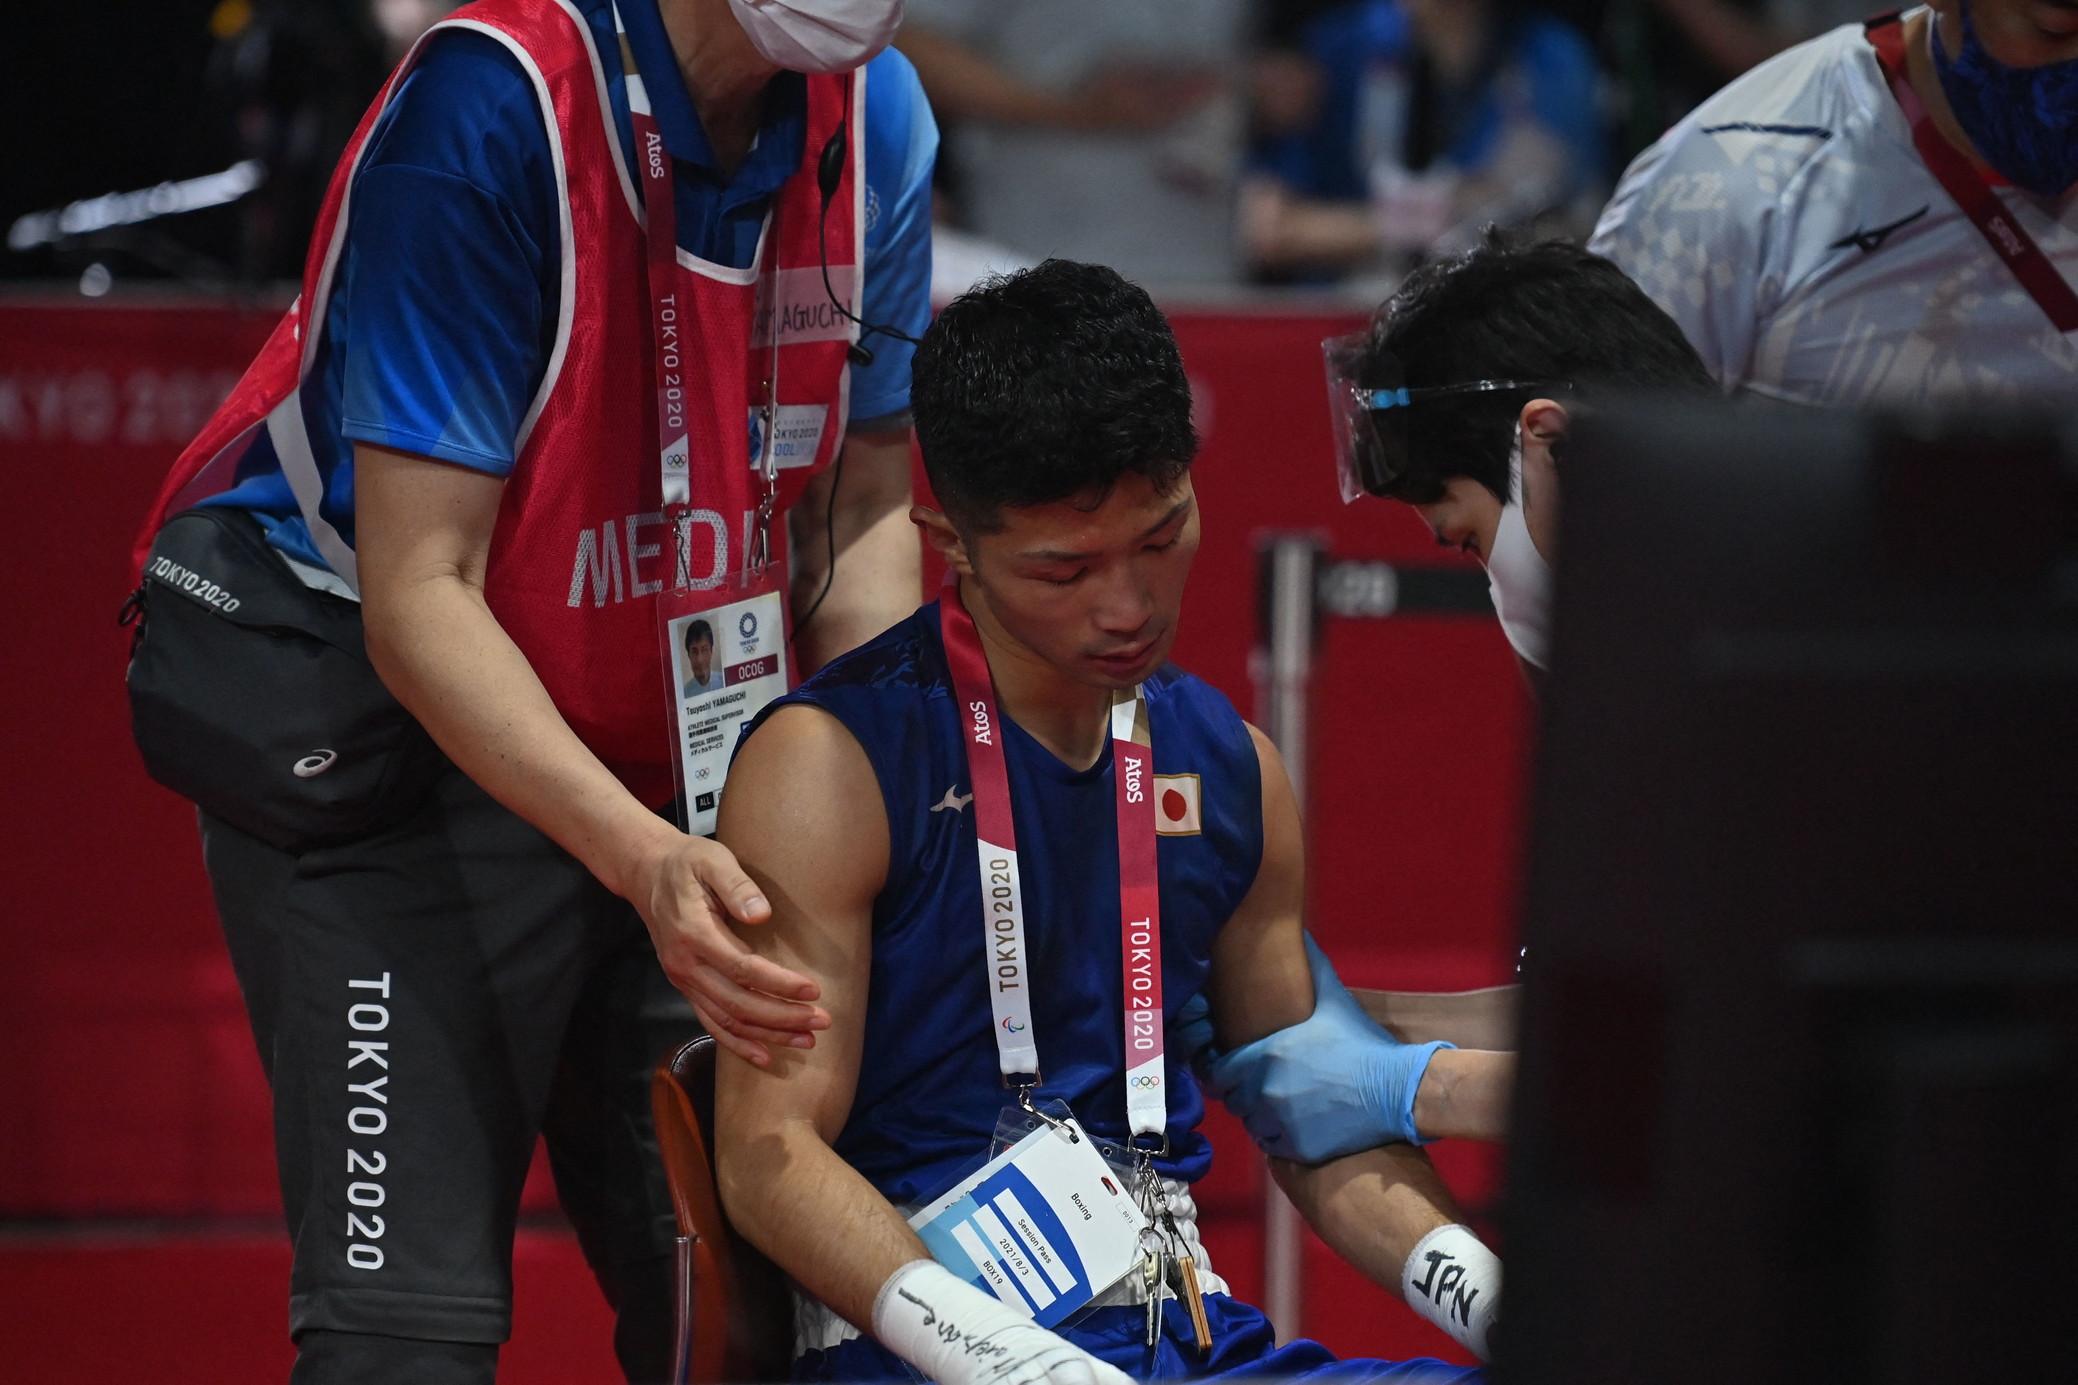 Nella finale dei pesi mosca uomini a Tokyo 2020 il nipponico Ryomei Tanaka&nbsp;&egrave;&nbsp;stato &#39;preso a pugni&#39; dal colombiano Yuberjen Martinez e ha lasciato il ring sanguinando e grazie all&#39;impiego di una sedia rotelle su cui si &egrave;&nbsp;seduto esausto. Ma i giudici lo hanno visto vincitore ai punti per 4-1, scatenando le veementi proteste del clan del colombiano, compresi i giornalisti del Paese sudamericano che avevano assistito all&#39;incontro.&nbsp;<br /><br />